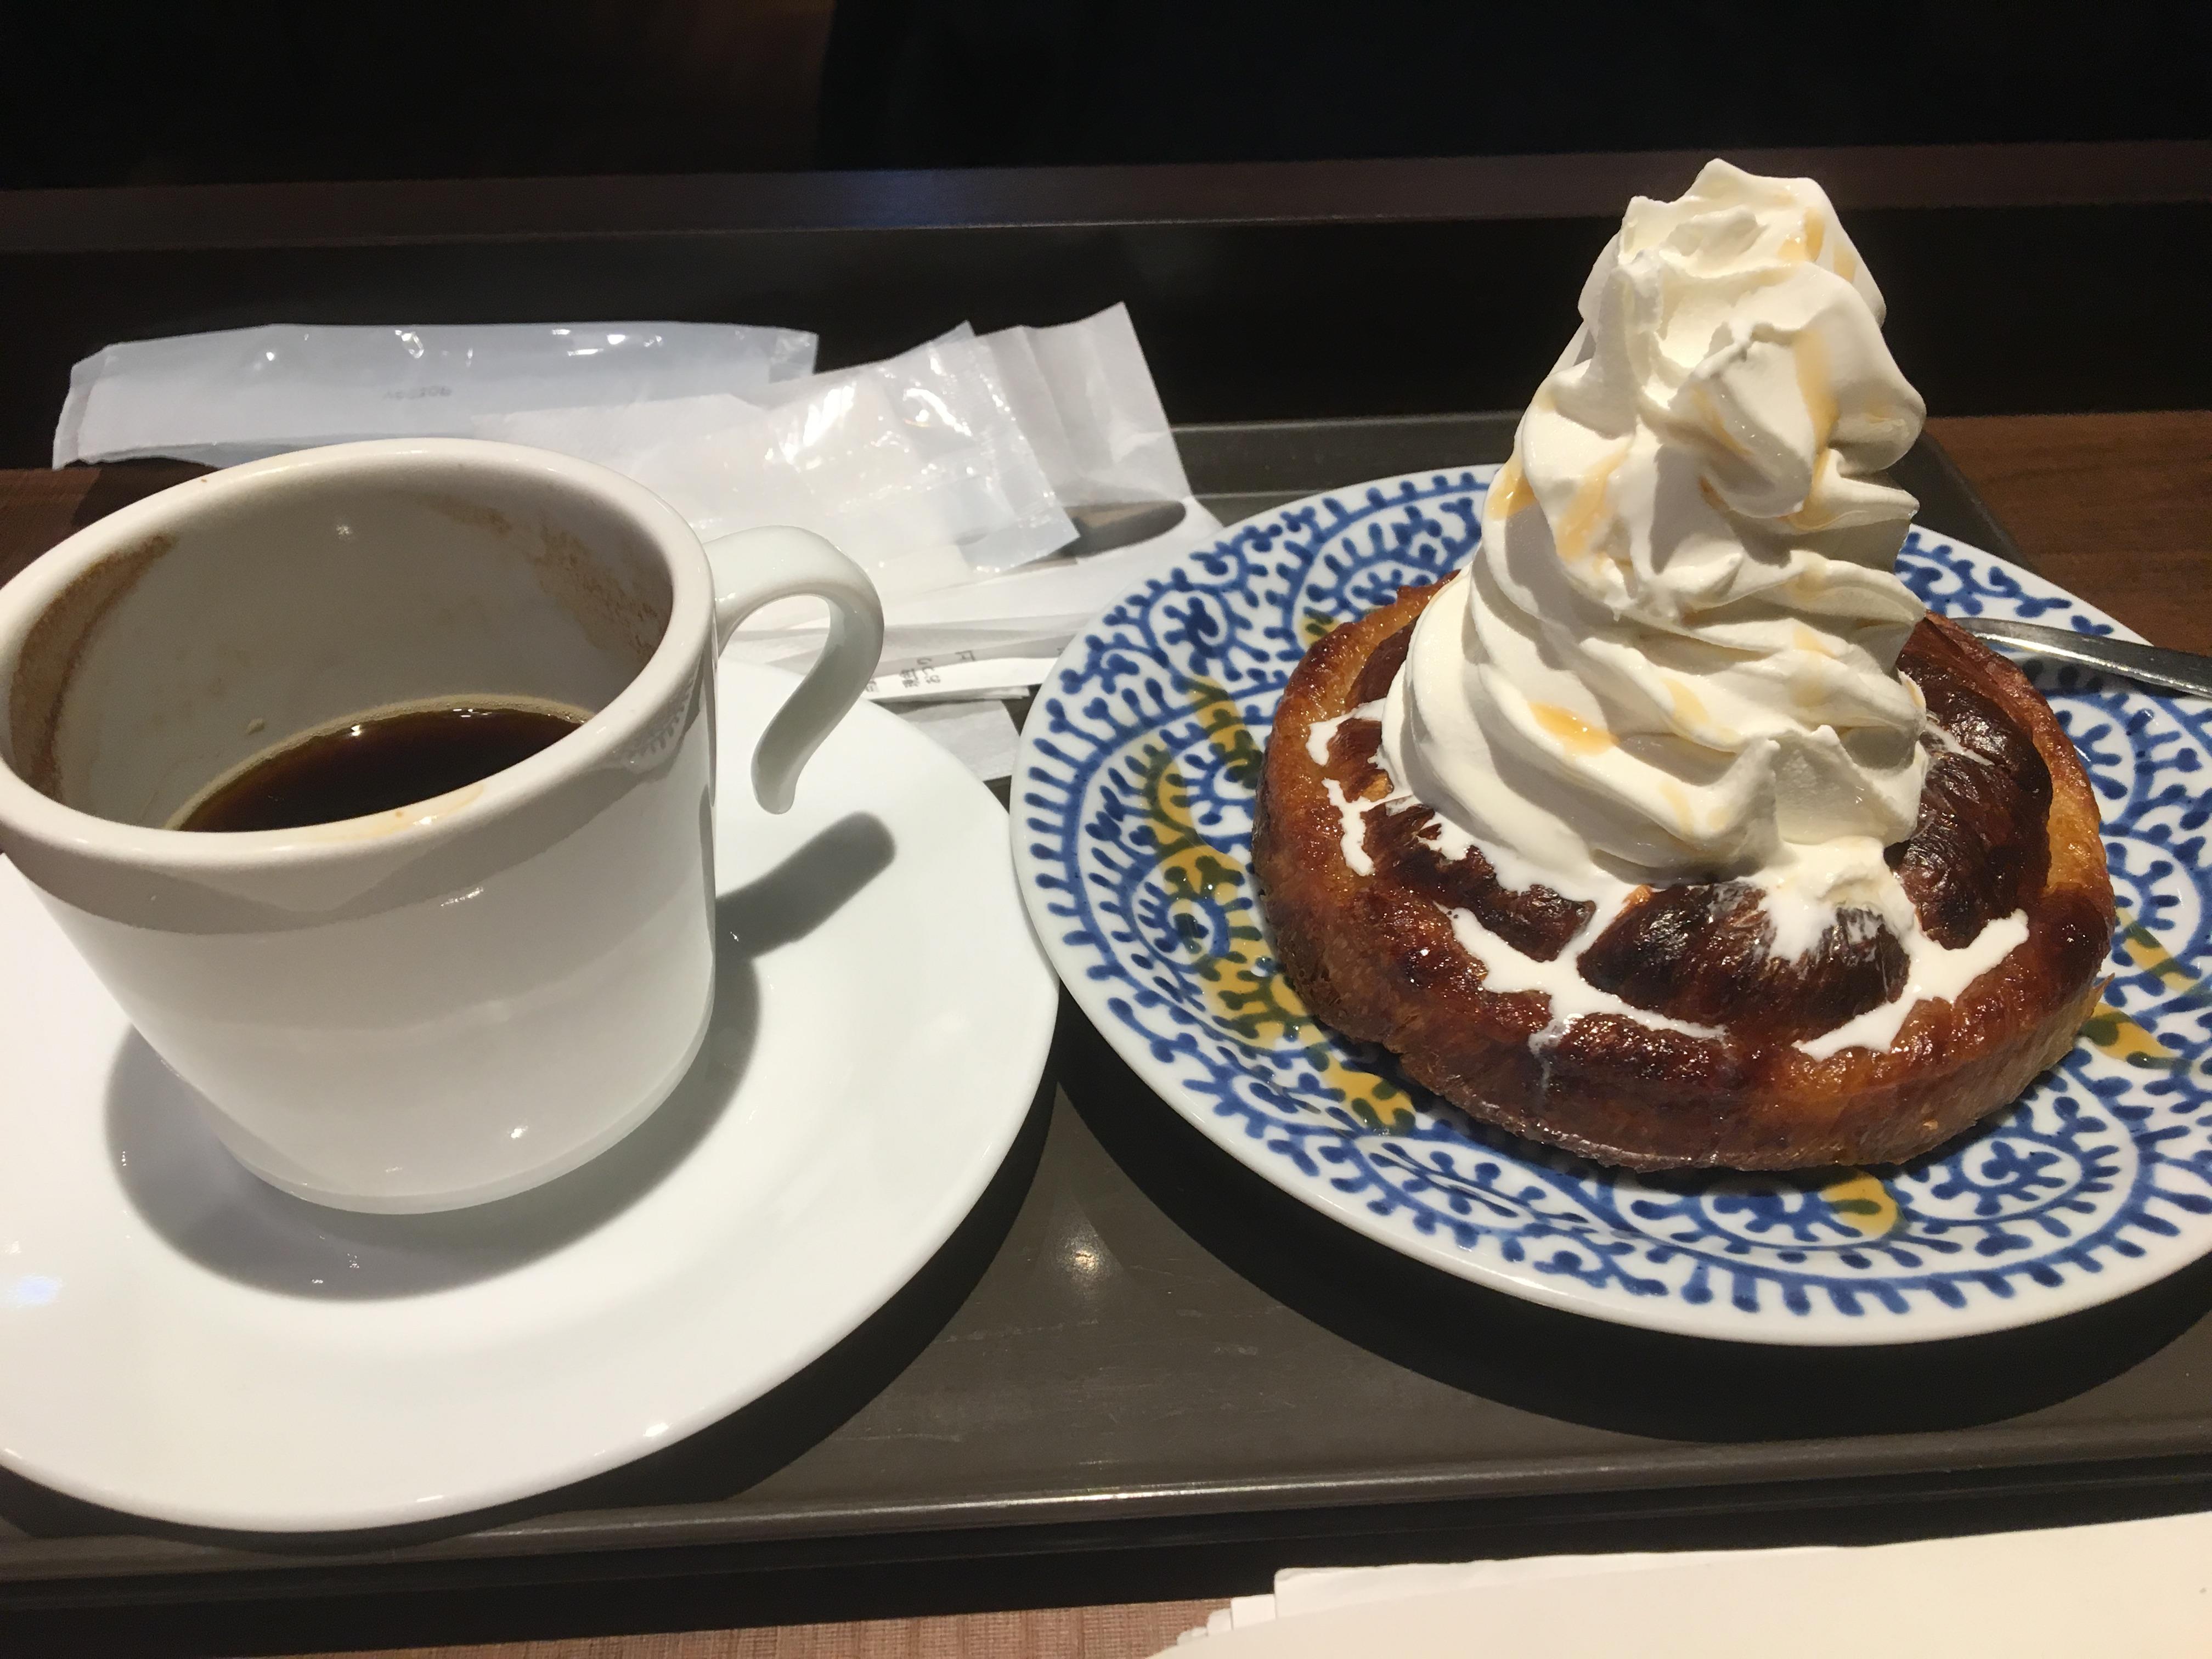 [ブログ]ダイエット中でもたまに甘いものをガッツリと。